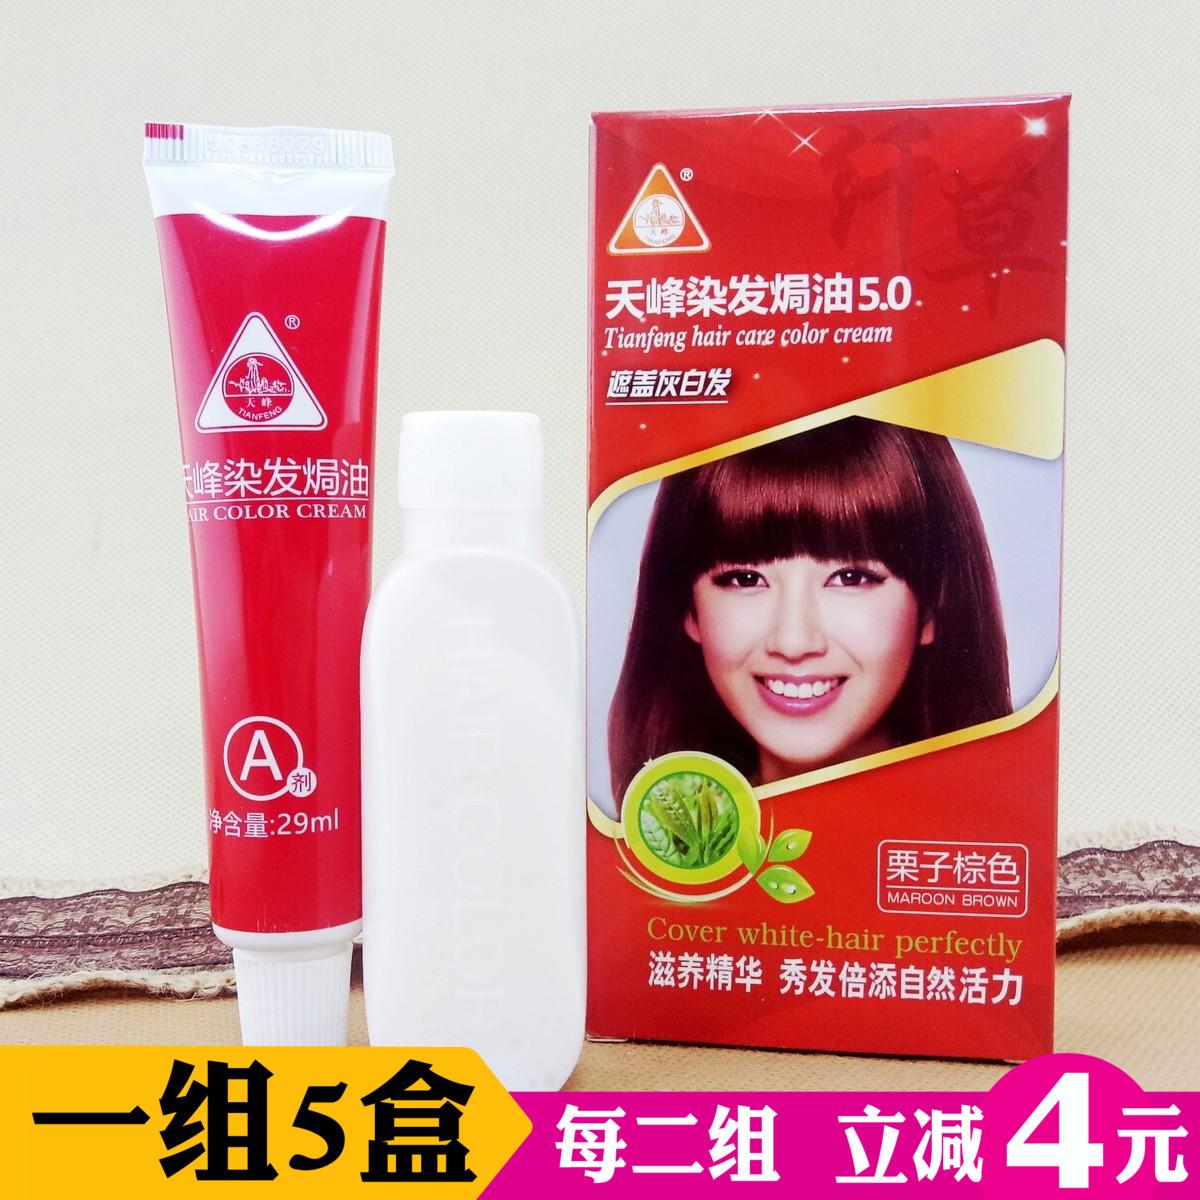 【5盒裝】天峰染髮焗油29mlx2章華纖草柔順亮澤溫和精華染膏劑霜